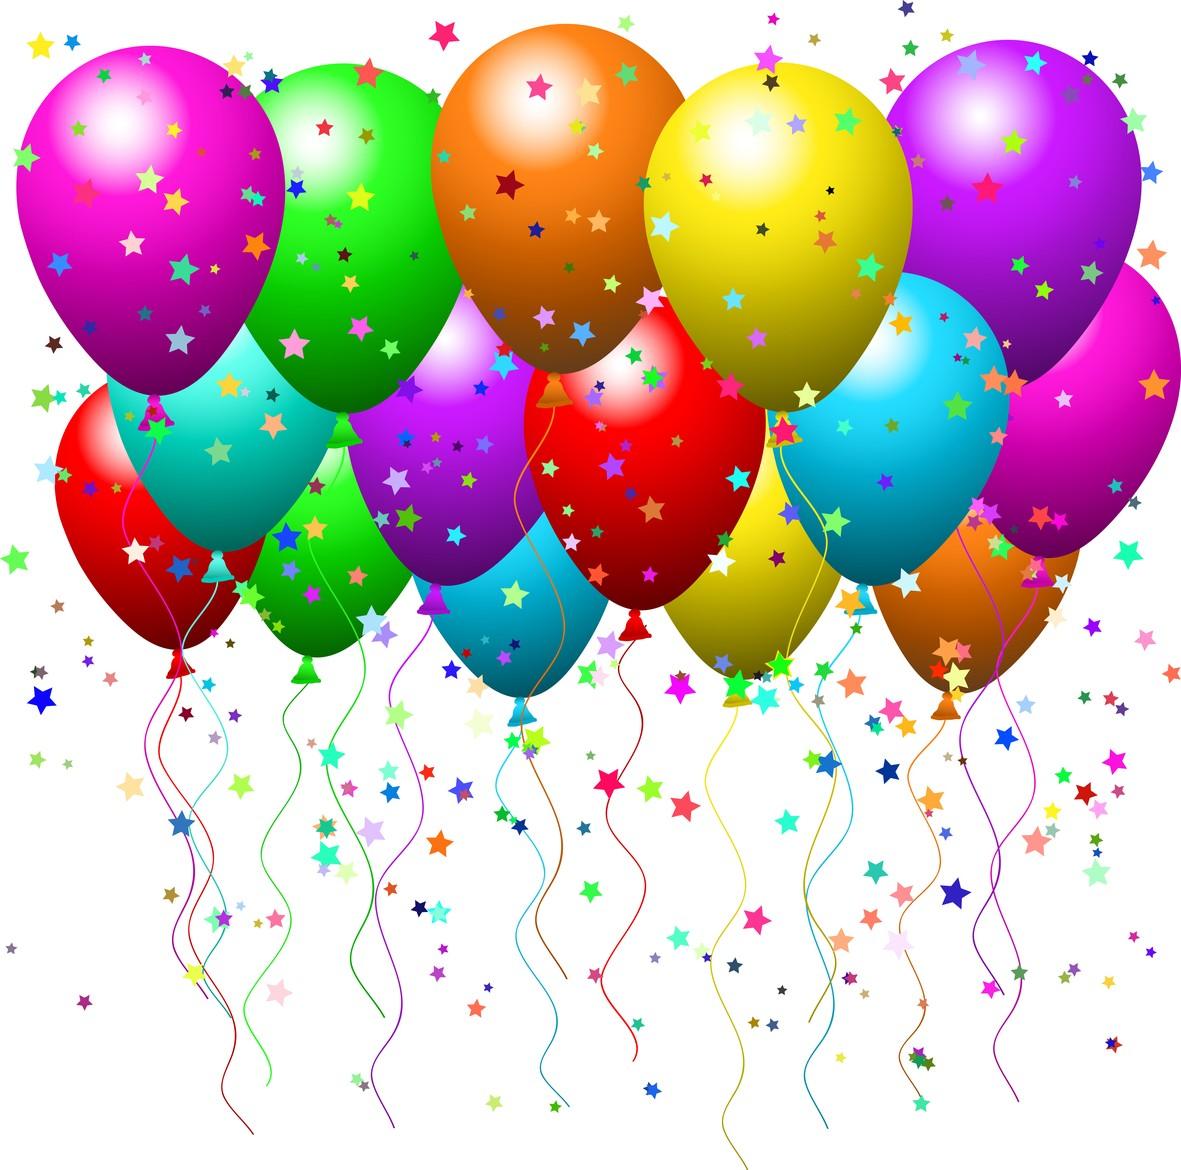 Balloon Clip Art - Clipartion.-Balloon Clip Art - Clipartion.-12